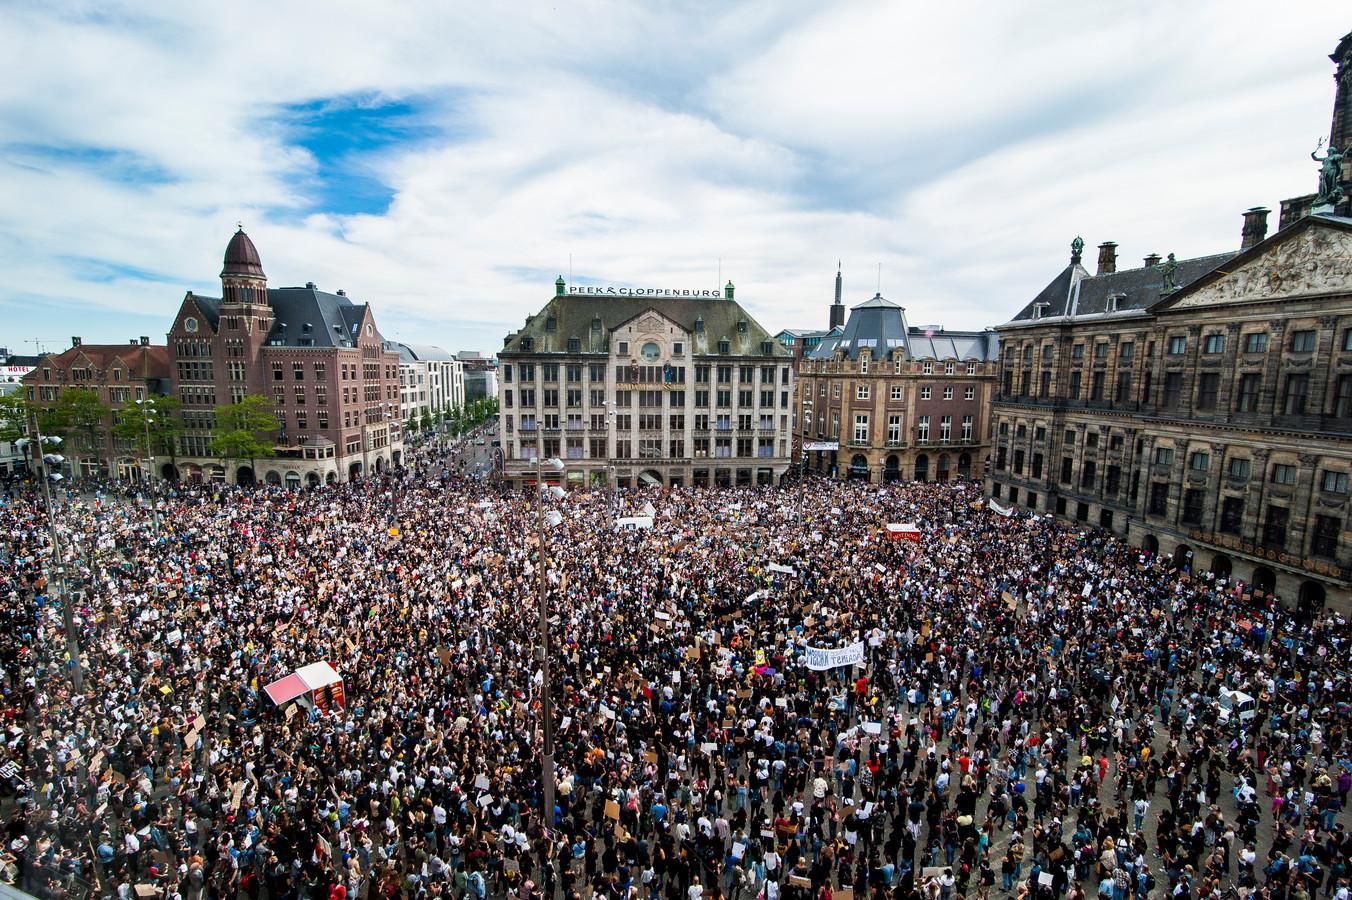 Op 1 juni stonden er tot verrassing van de autoriteiten tussen de 10.000 en 14.000 mensen op de Dam, waar slechts enkele honderden demonstranten werden verwacht